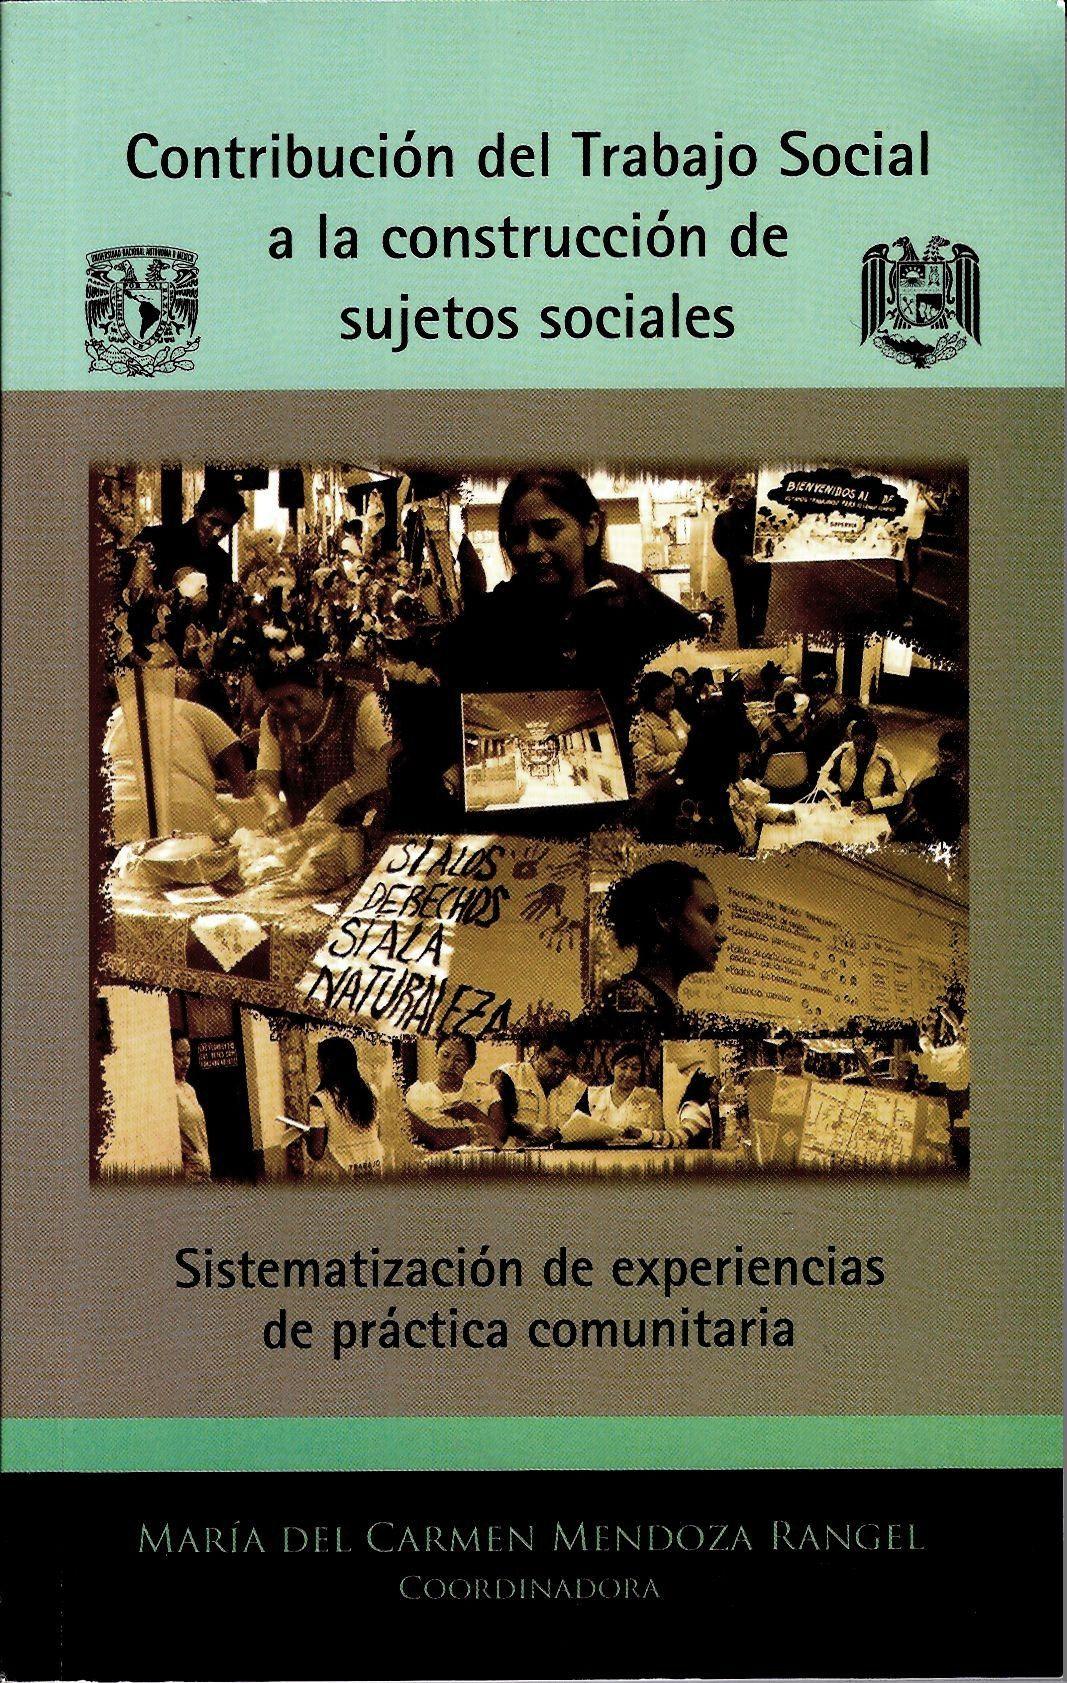 Contribución del Trabajo Social a la construcción de sujetos sociales